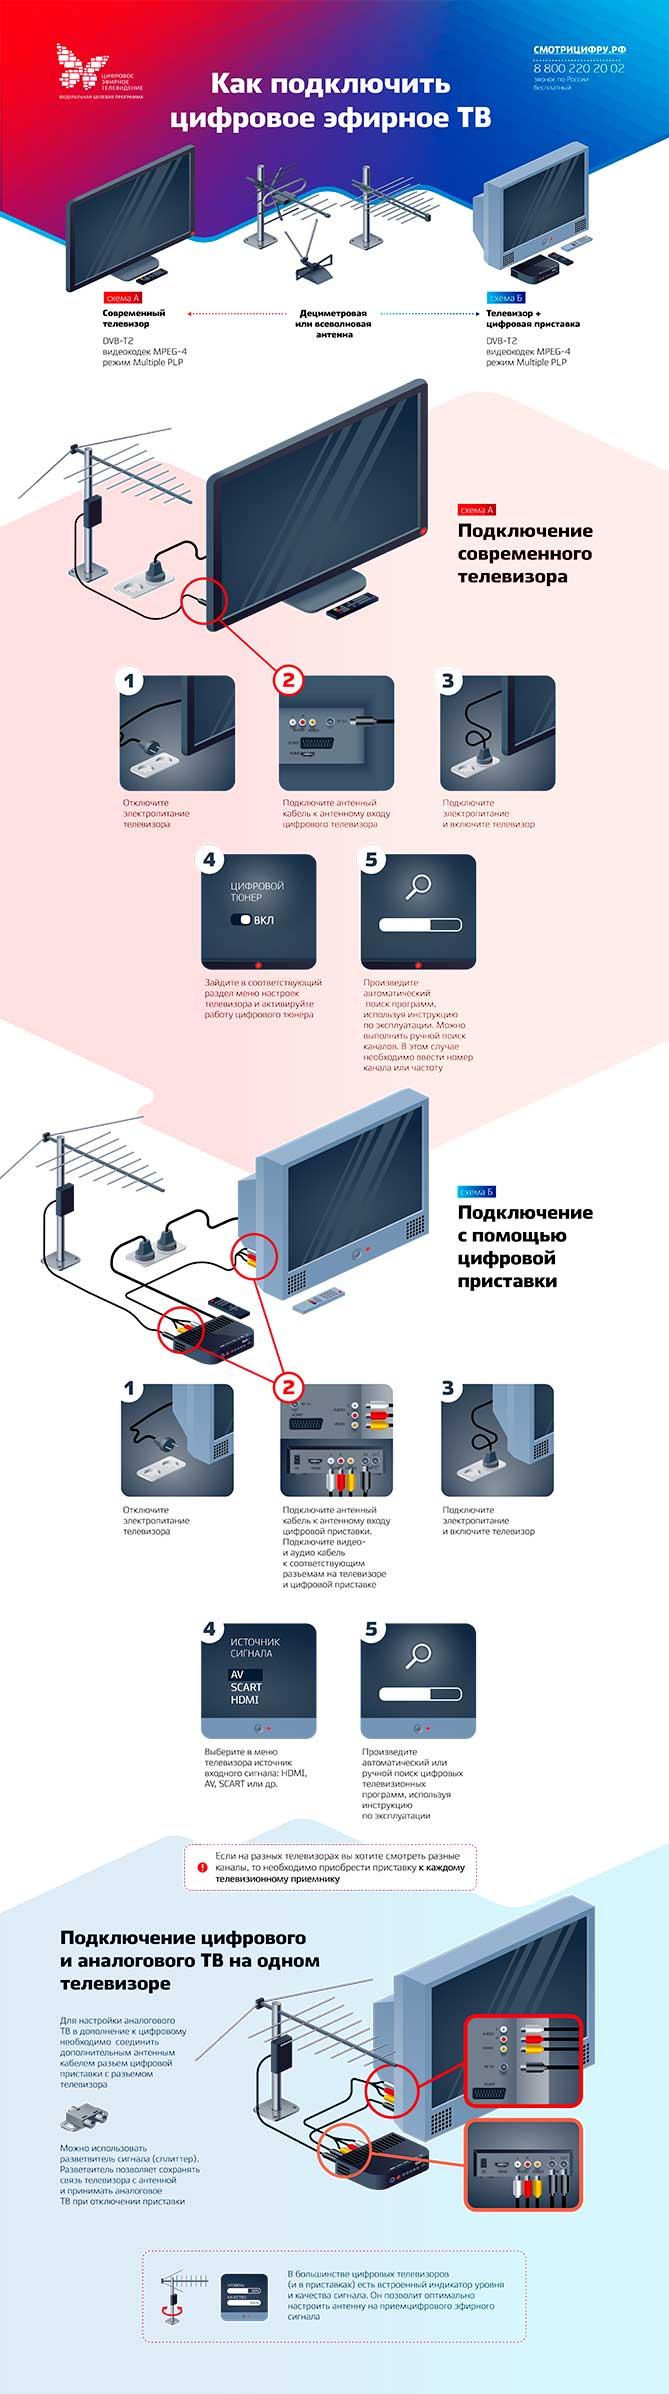 Переход на цифровое телевидение в Самарской области 3 июня 2019 года